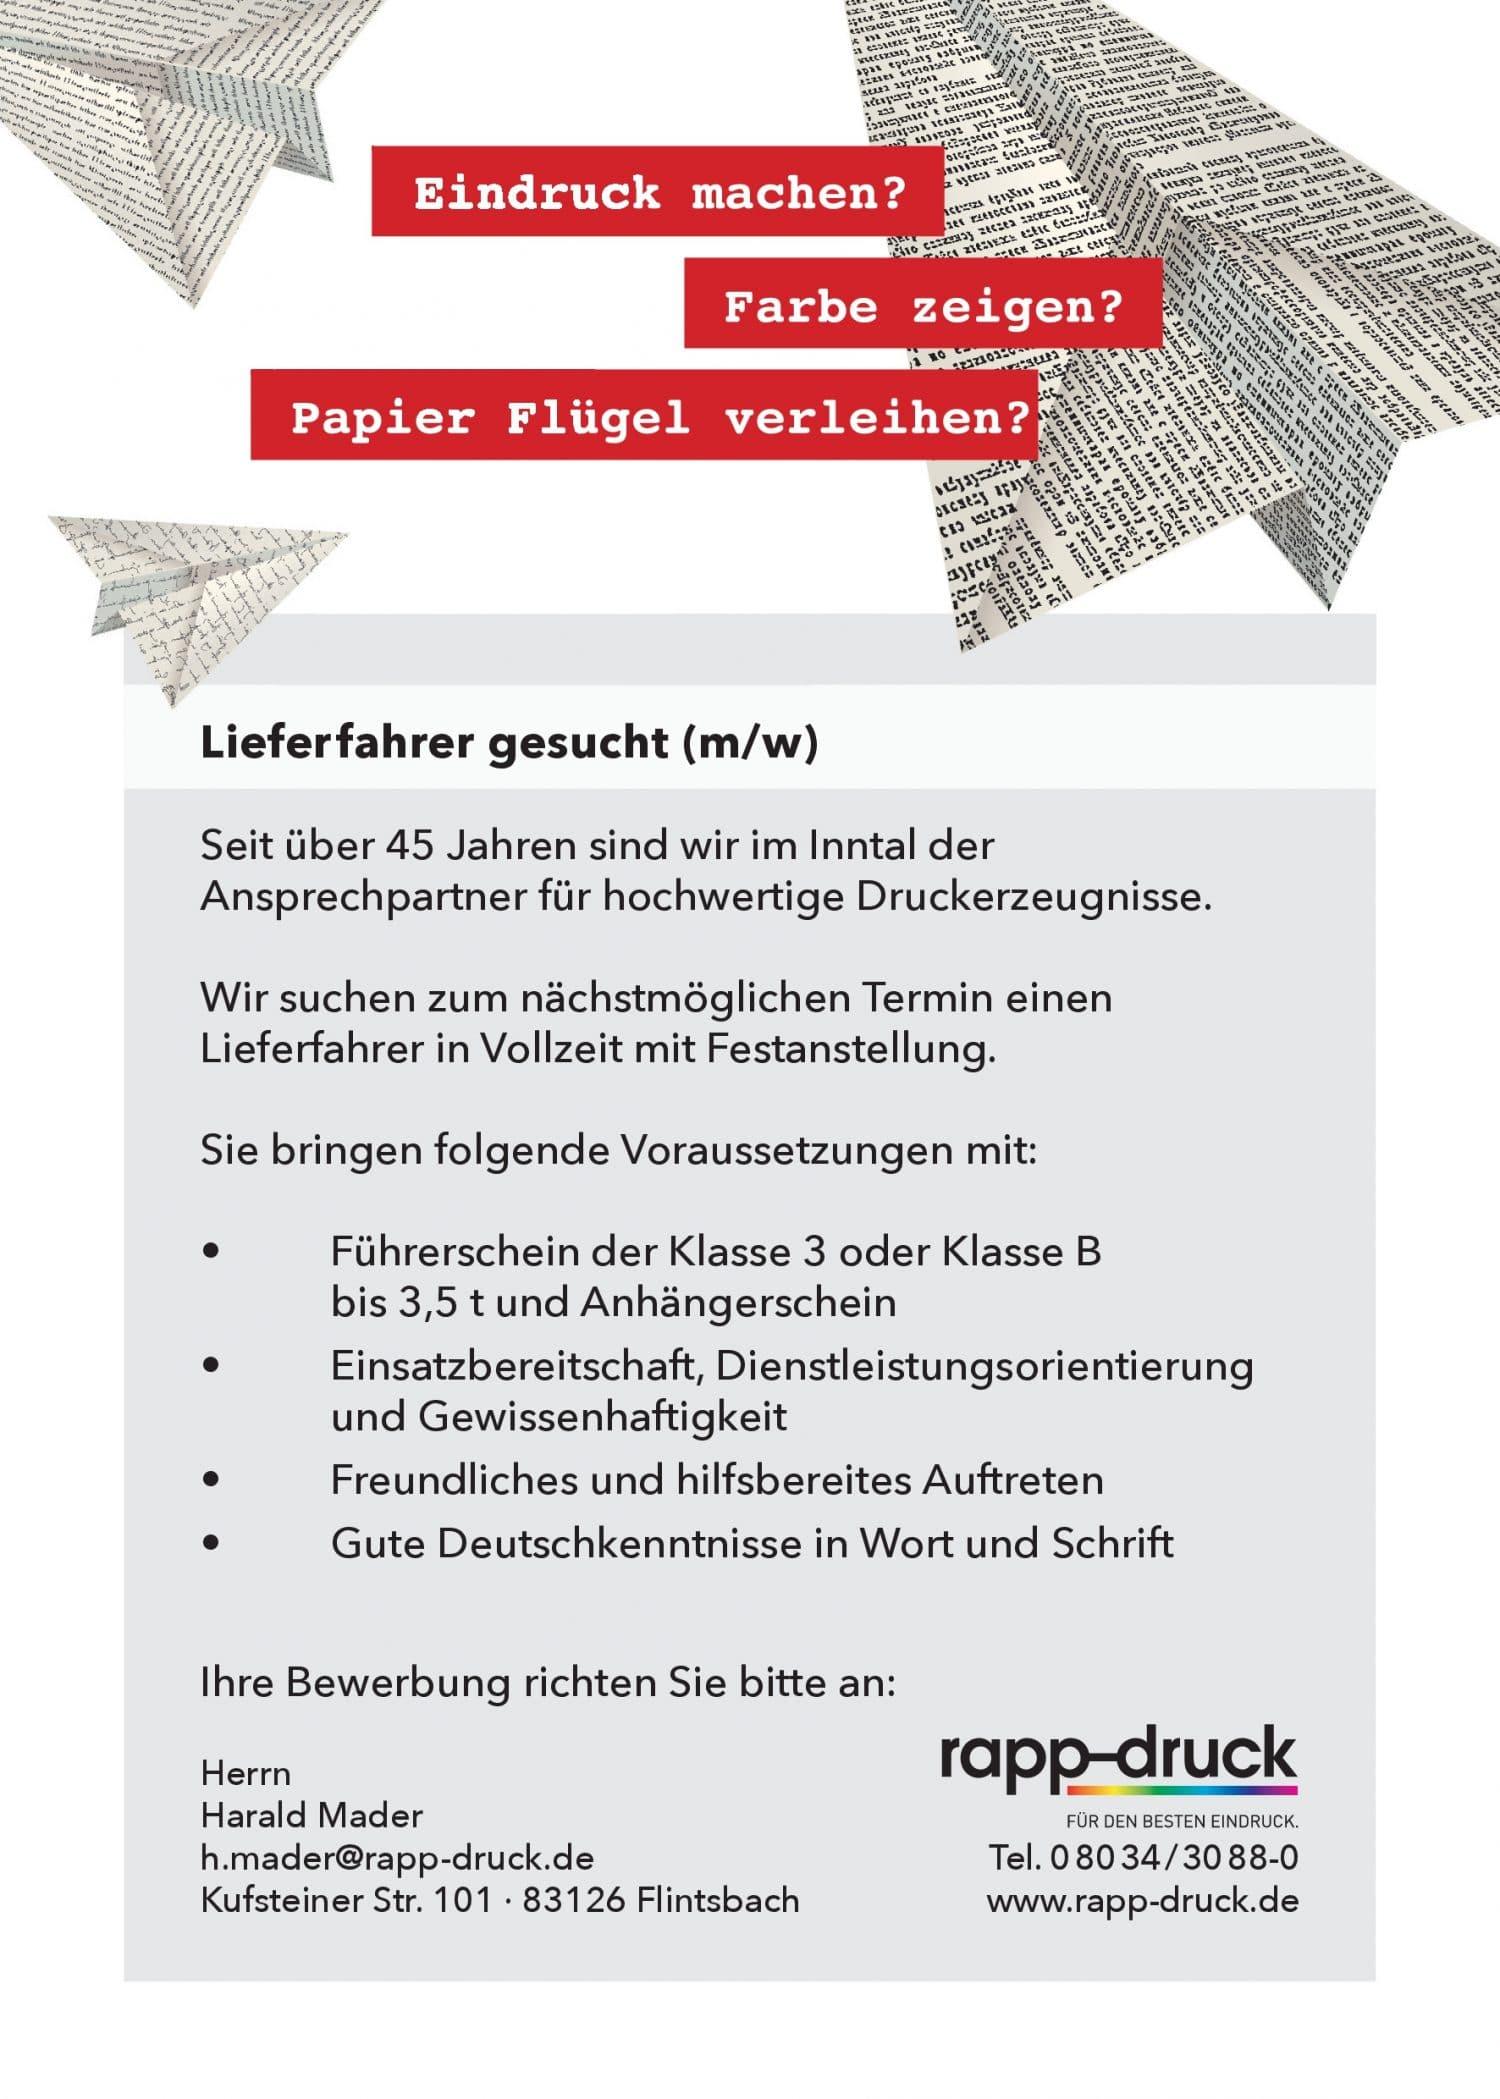 Stellengesuch der Druckerei rapp-Druck GmbH für einen Lieferfahrer